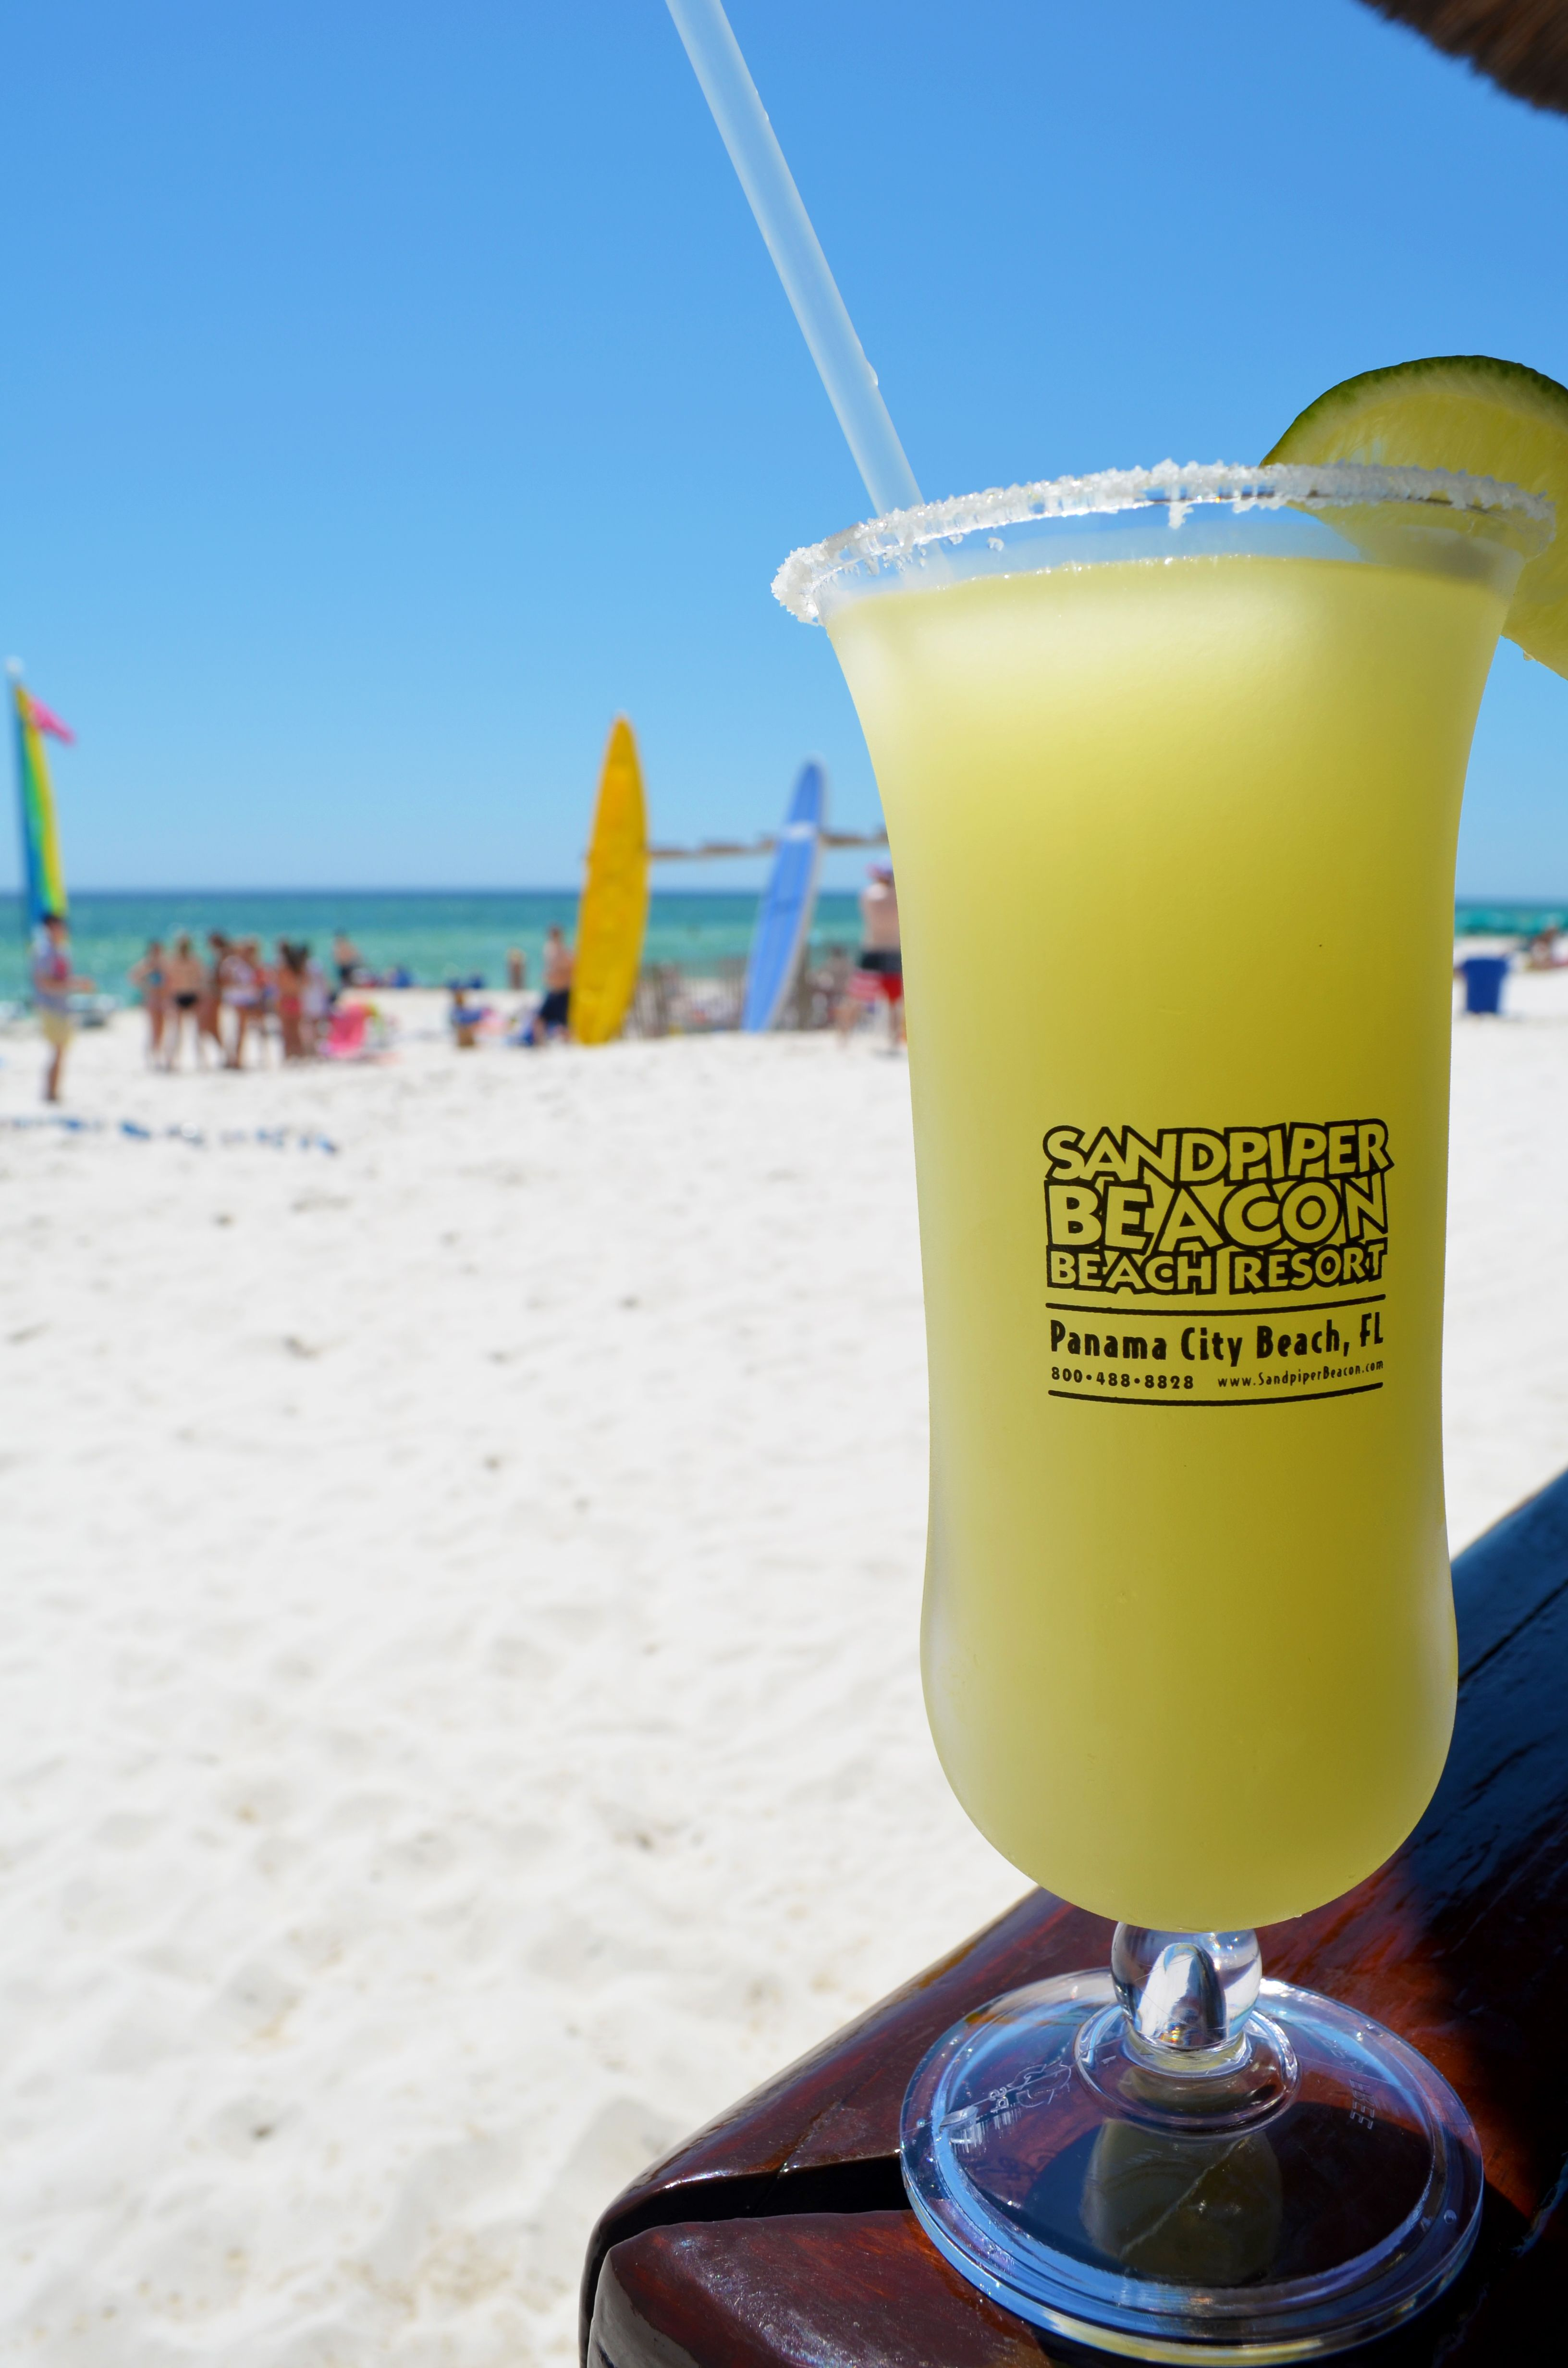 Sandpiper Beacon Beach Resort Panama City Beach Hotel Resort Condos Panama City Beach Hotels Panama City Panama Panama City Beach Florida Kids